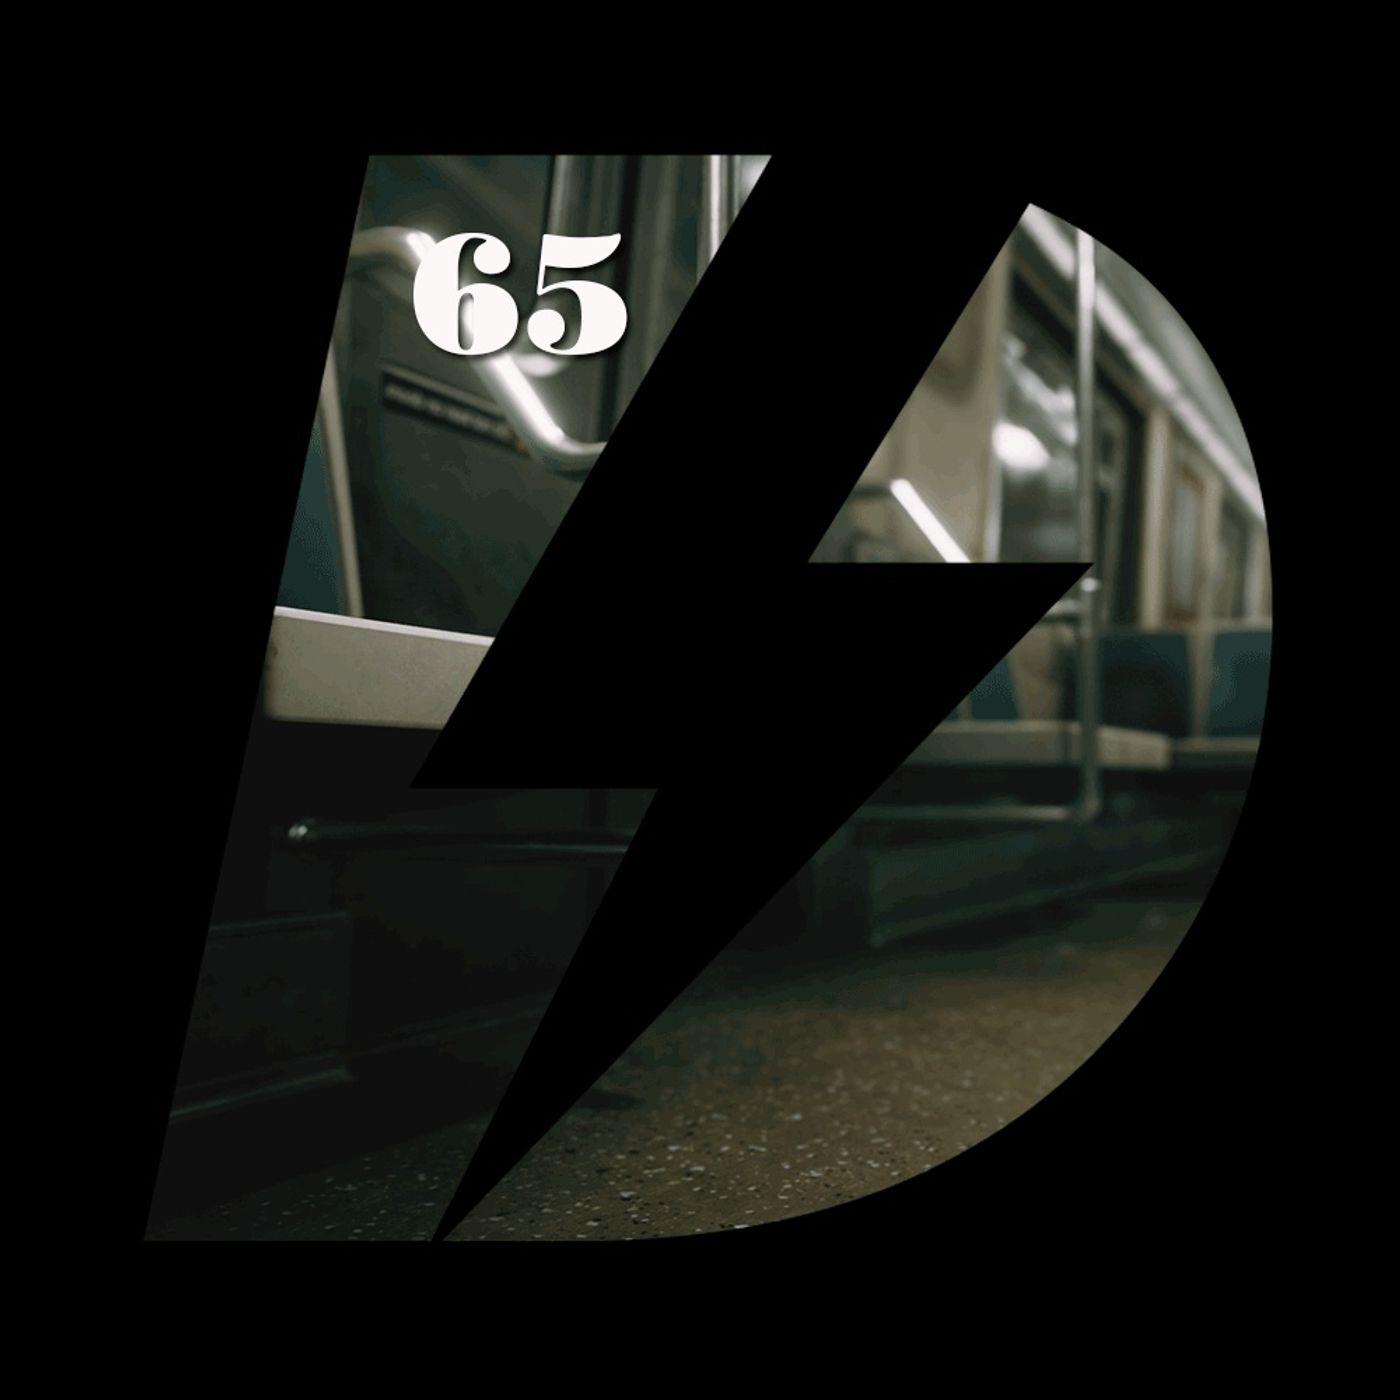 Dfm 65: No Cannes Do | Shelter Free | The Long Game ft. Adam Pierno